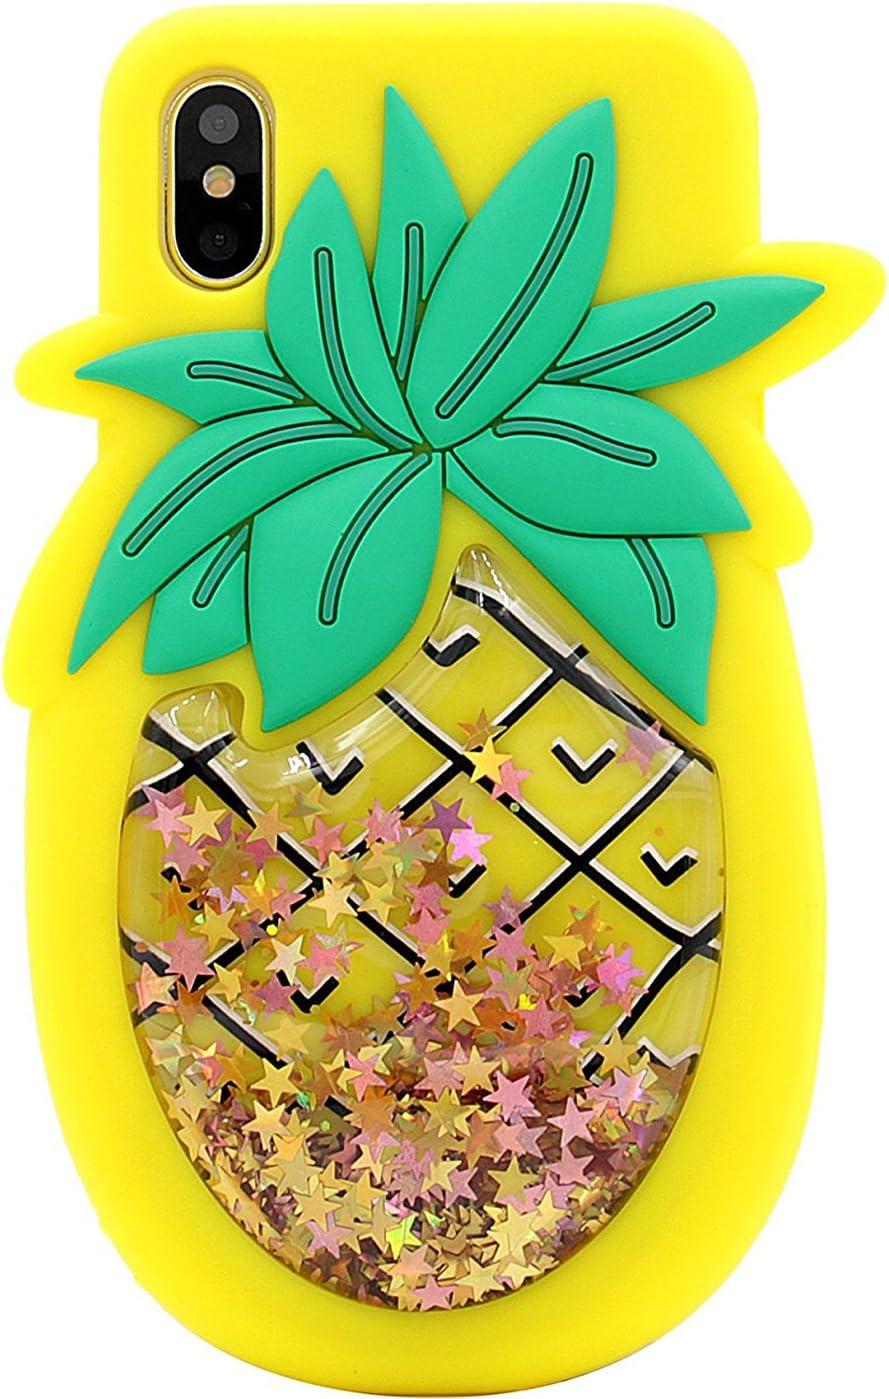 iPhone XS Silikon Case Ganzk/örper sto/ßfeste handyh/ülle mit Brieftasche f/ür iPhone XS. Niedliche 3D Cartoon Silikon Schutzh/ülle f/ür M/ädchen /& Kind iPhone XS H/ülle